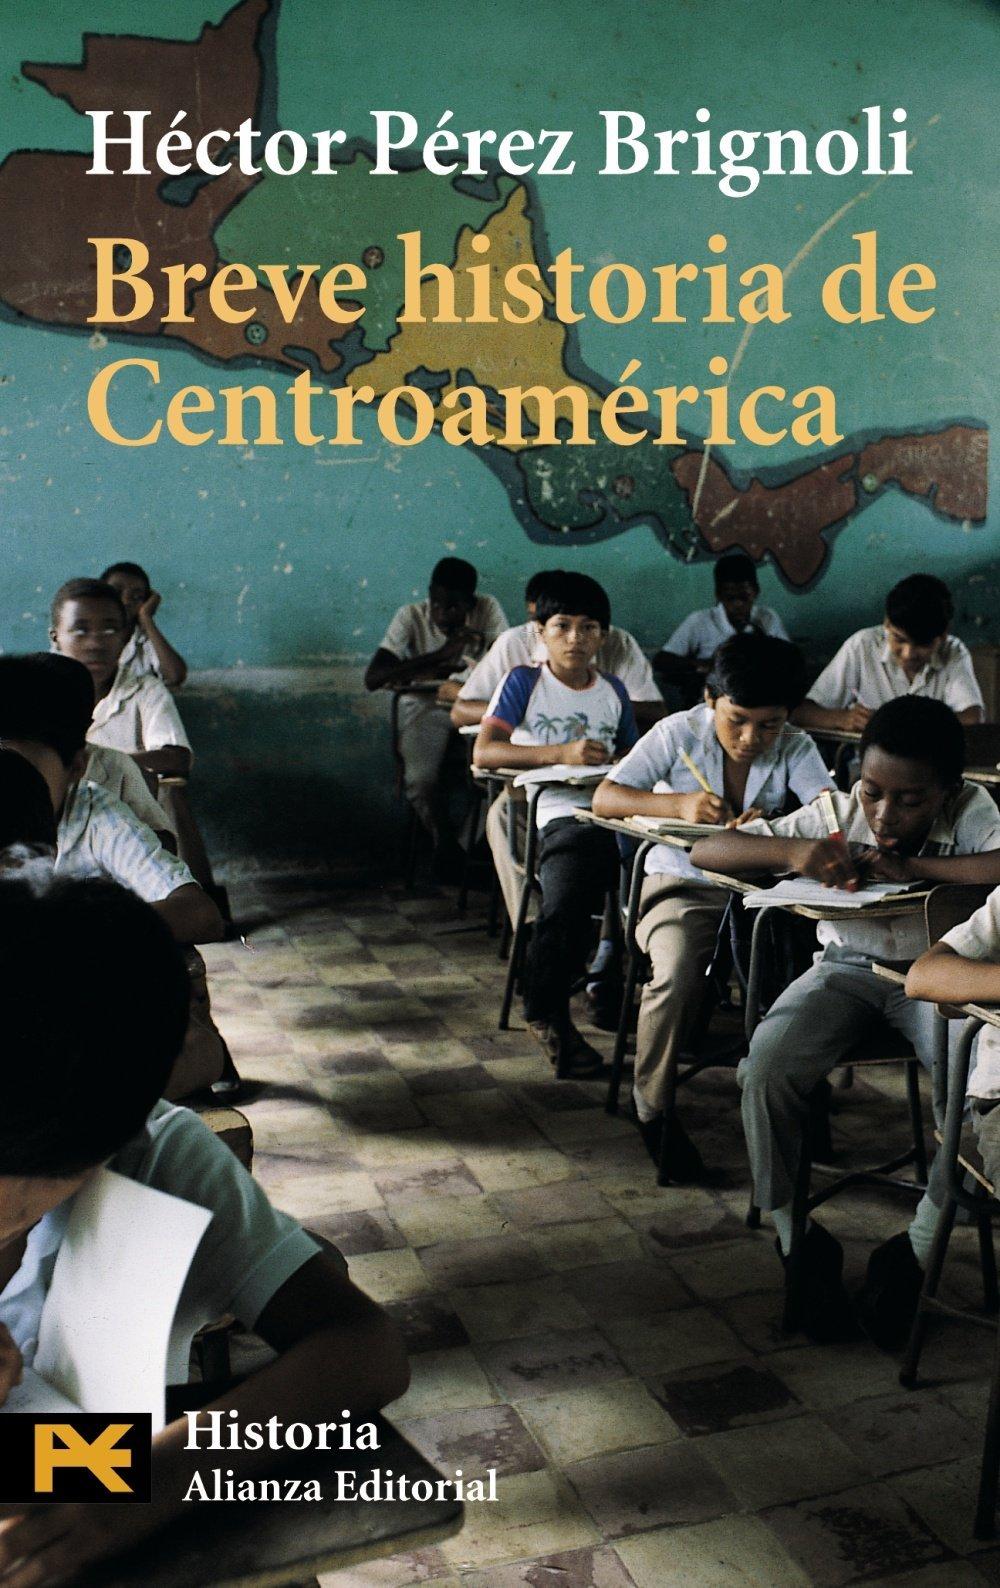 Breve historia de Centroamérica  by  Hector Perez Brignoli